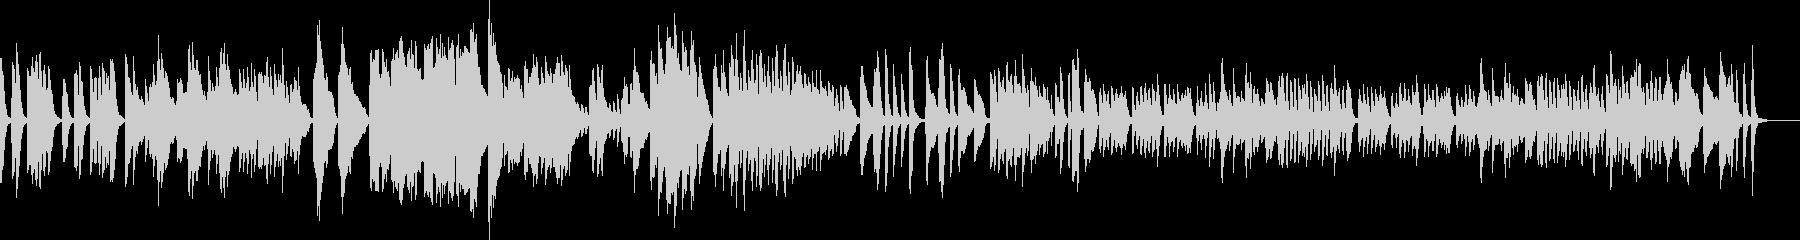 アイネクライネ 軽快なソロピアノショートの未再生の波形